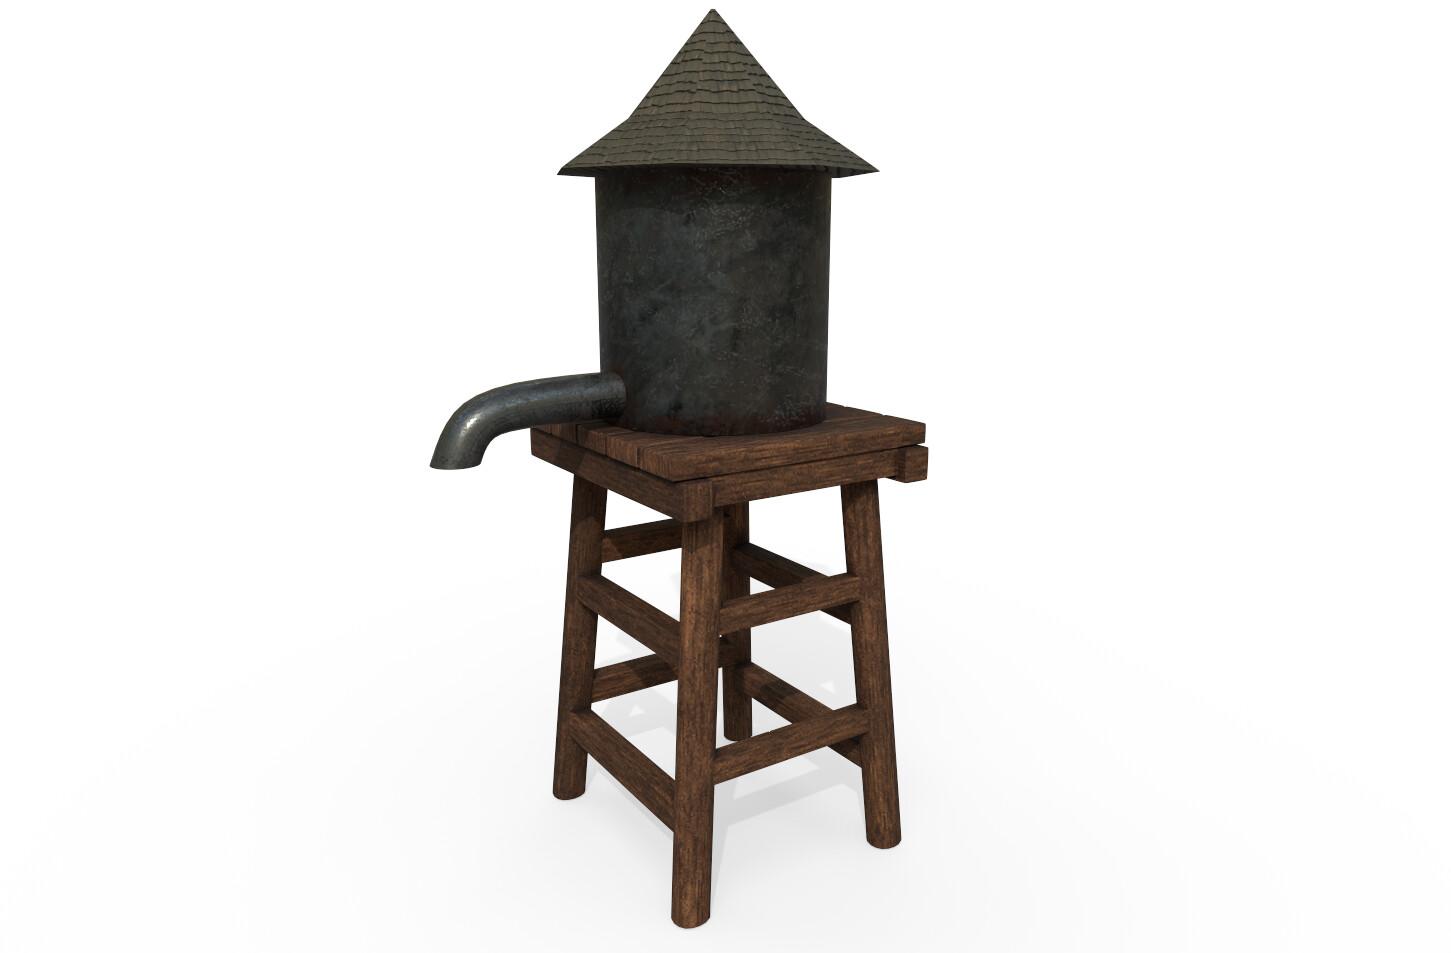 Joseph moniz watertower001e